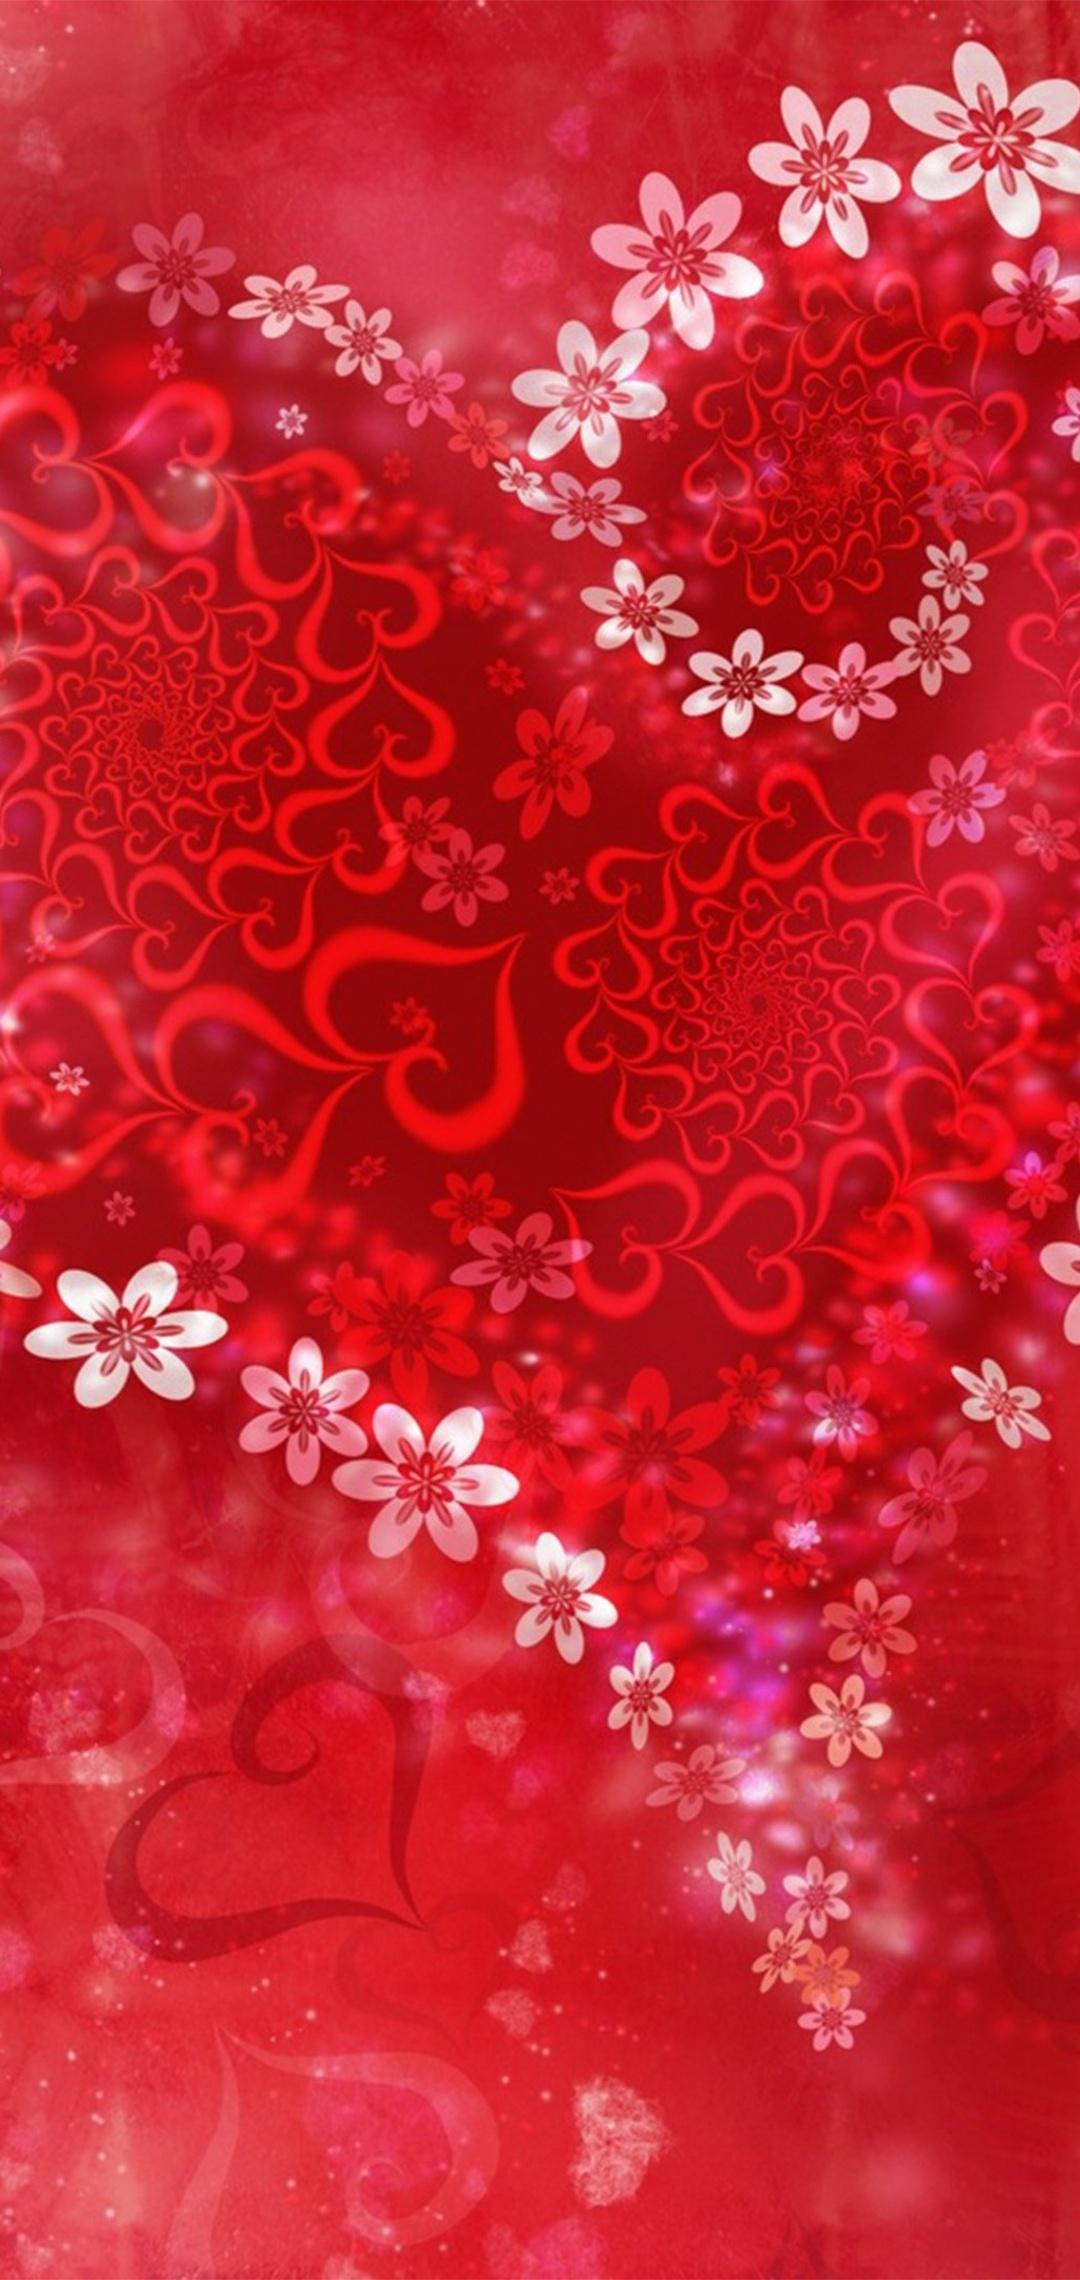 valentine-day-heart-4k-rs.jpg